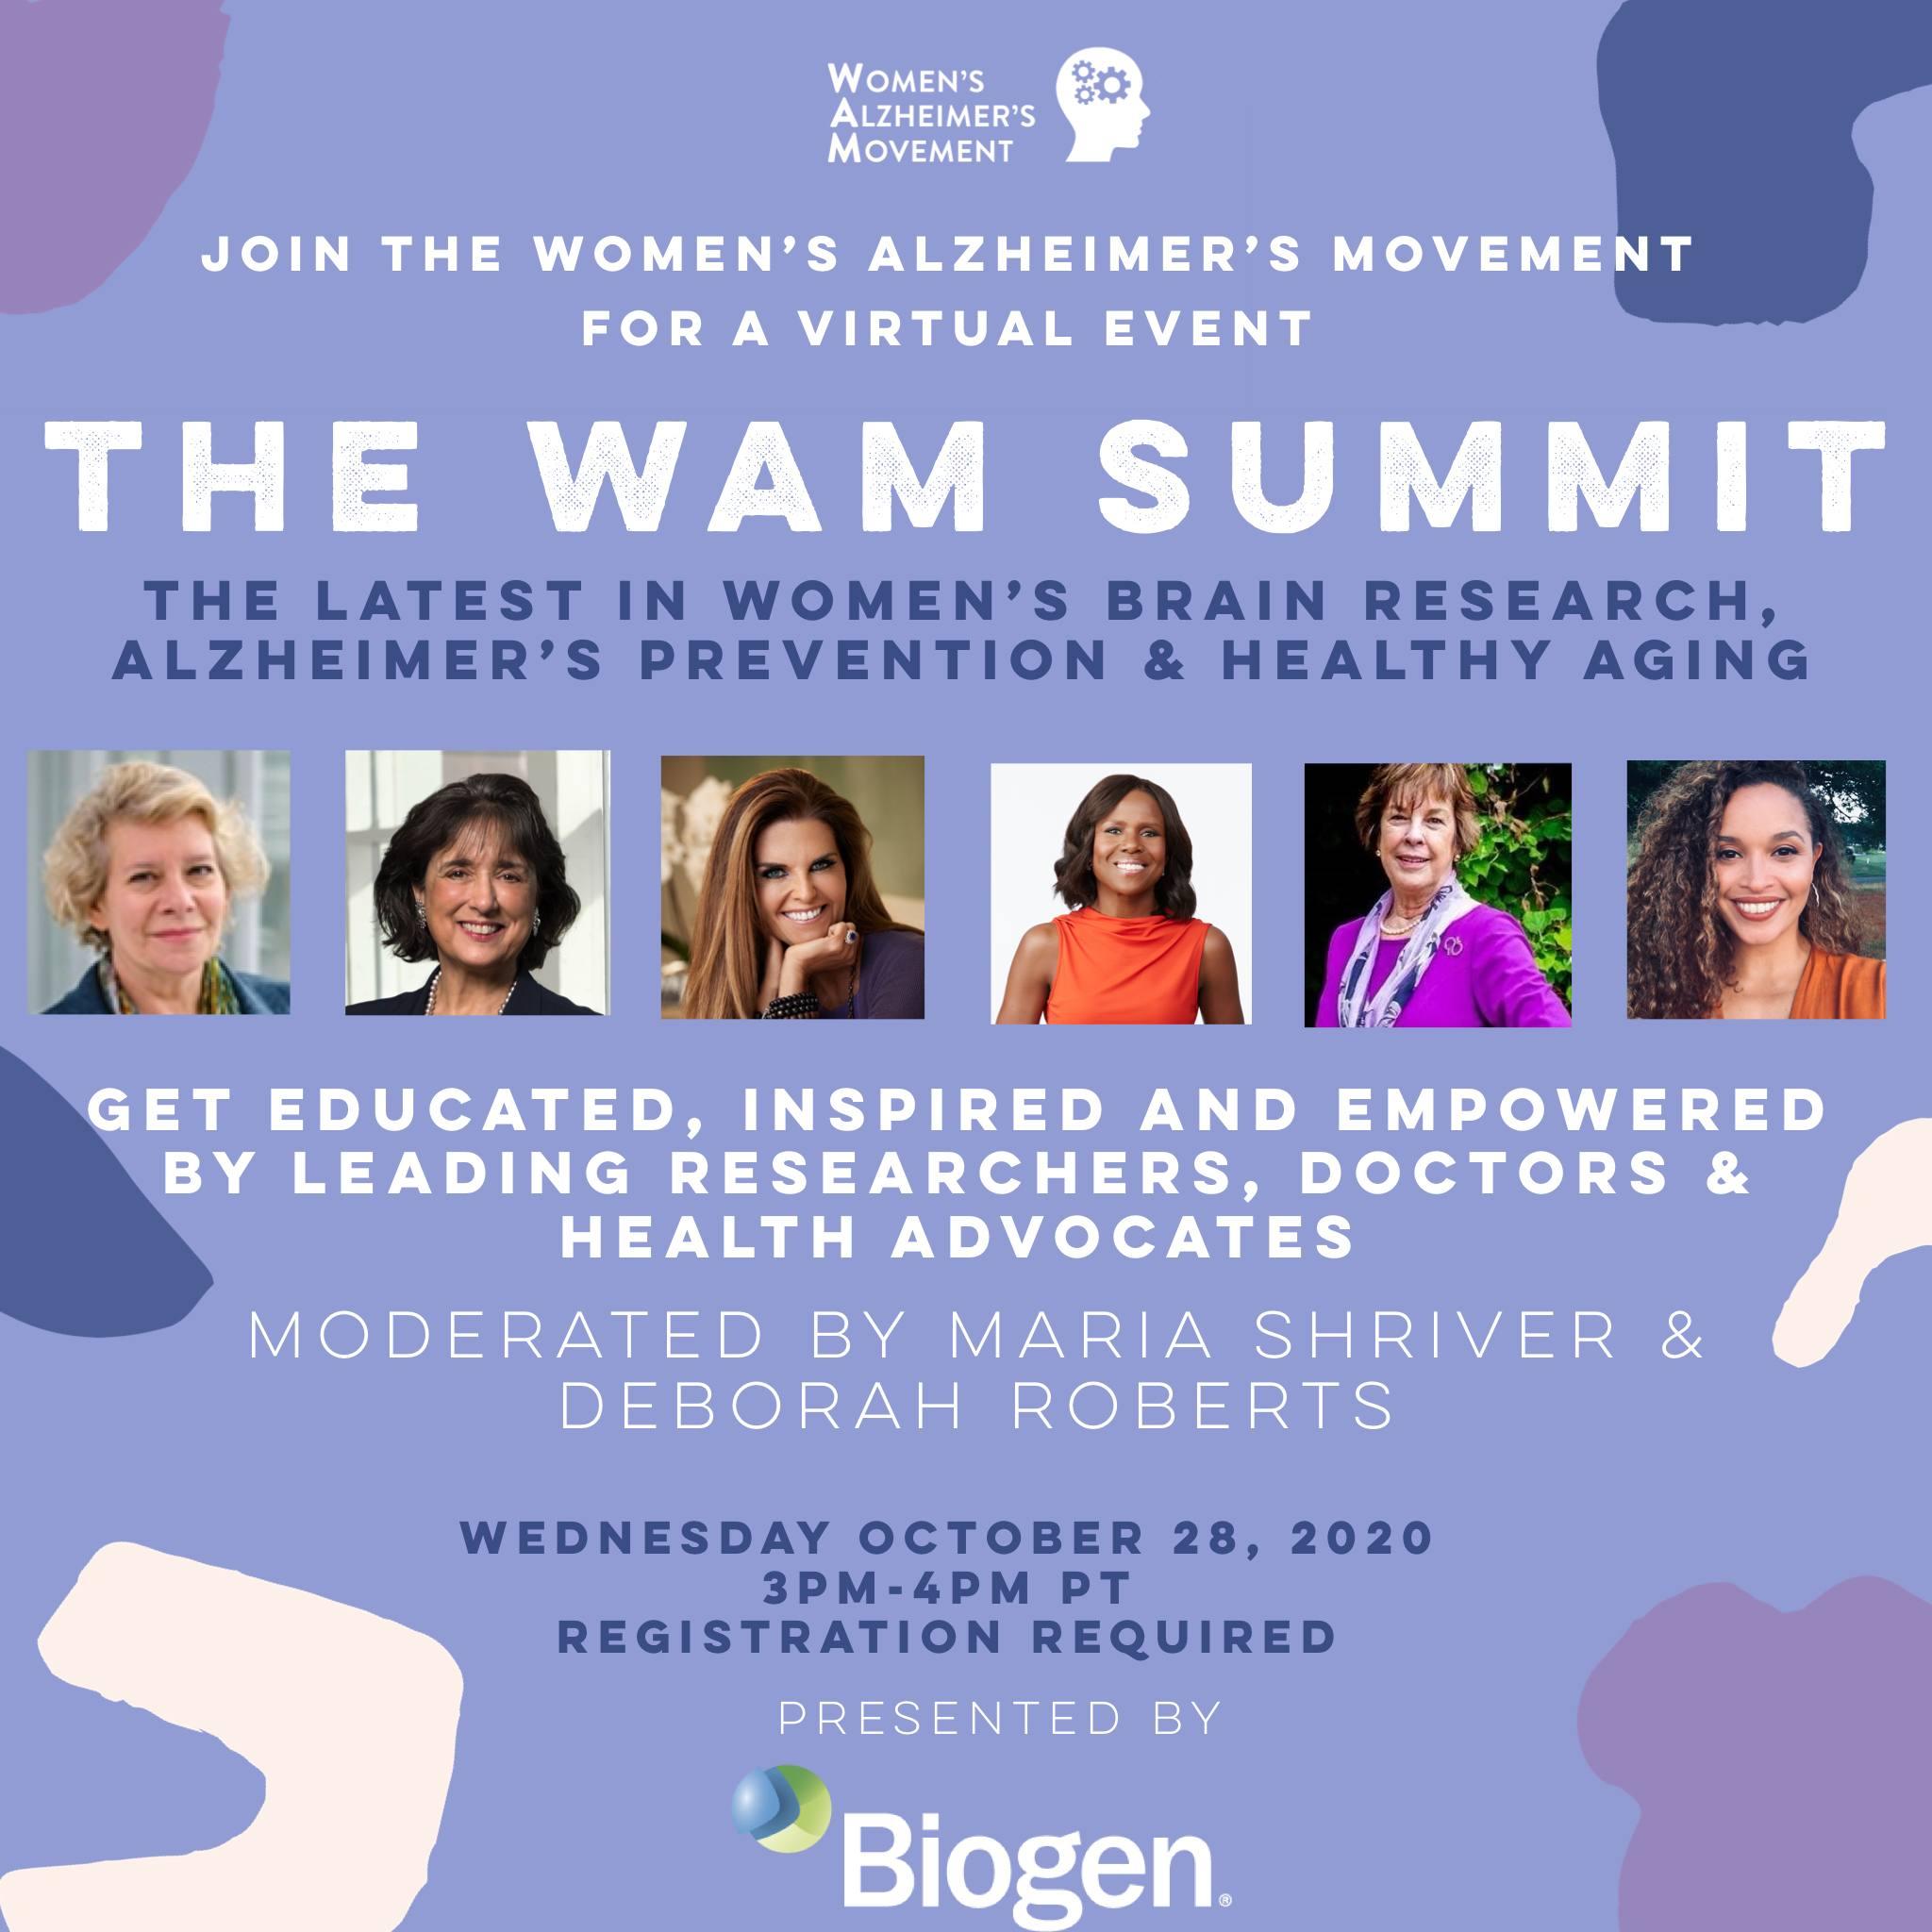 Women's Alzheimer's Movement (WAM)